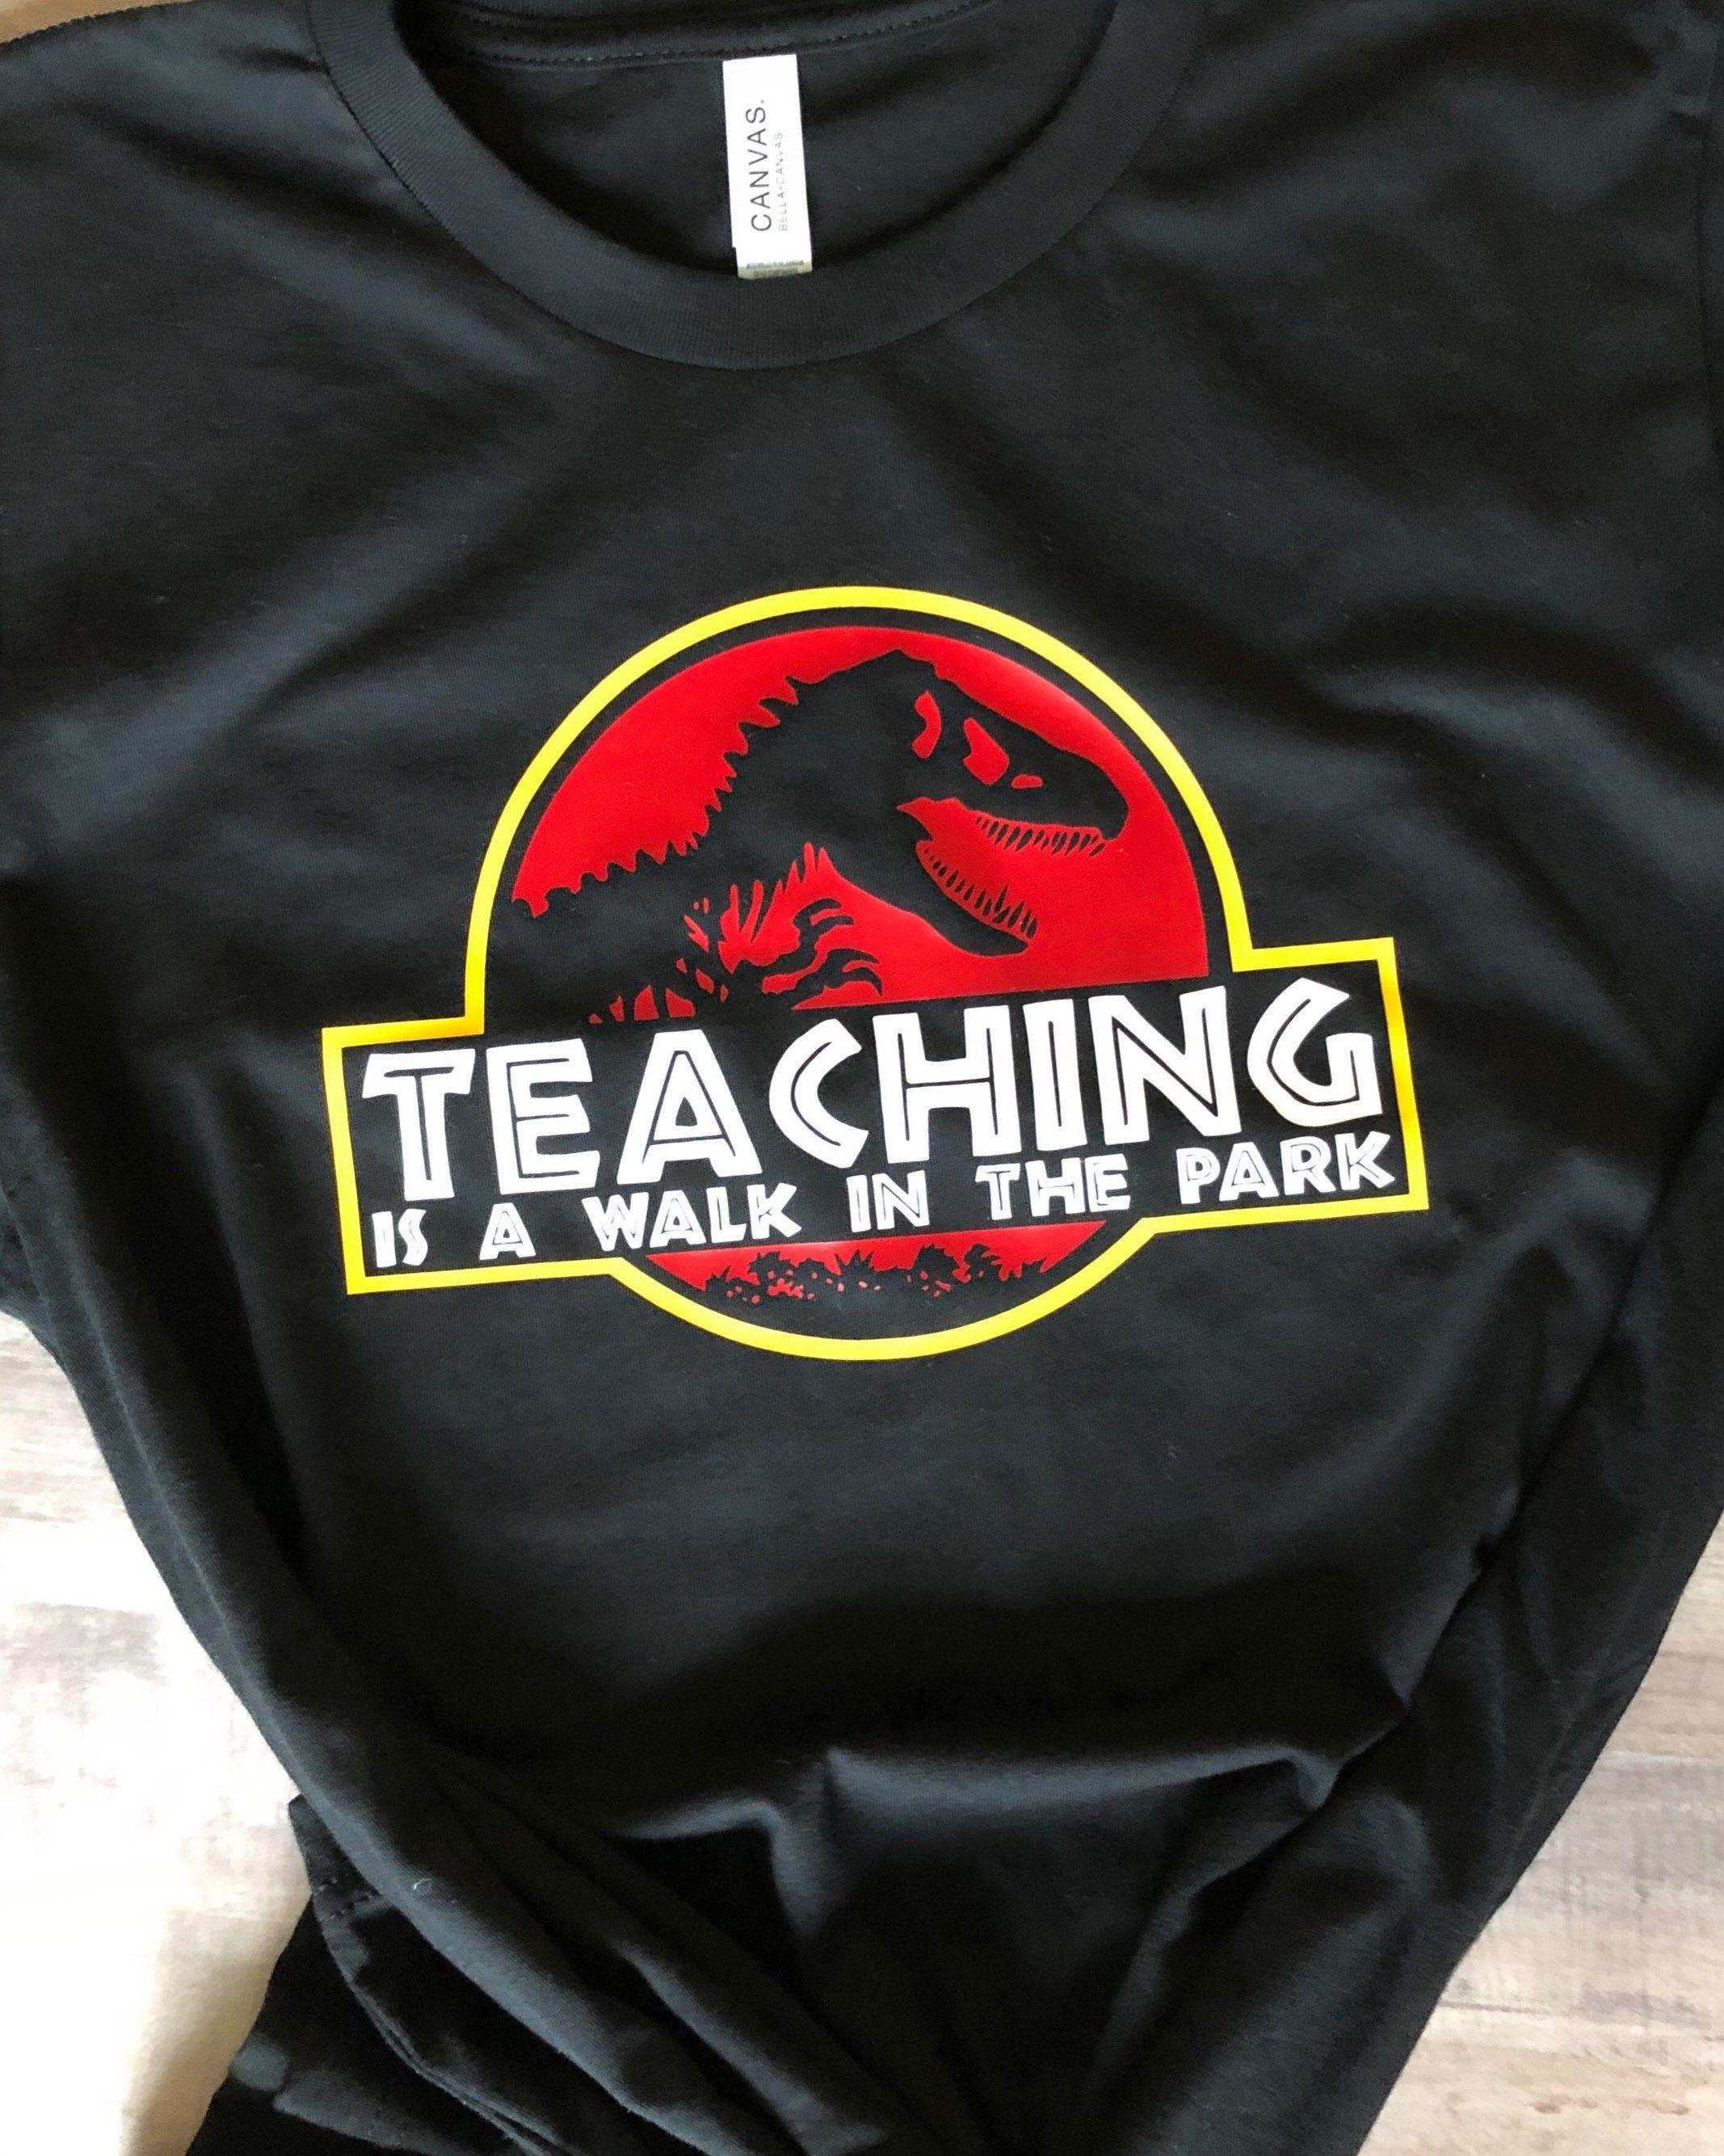 Teachers Jurassic Park T Shirt Google Search Teacher Tees School Shirt Designs Teacher Shirts